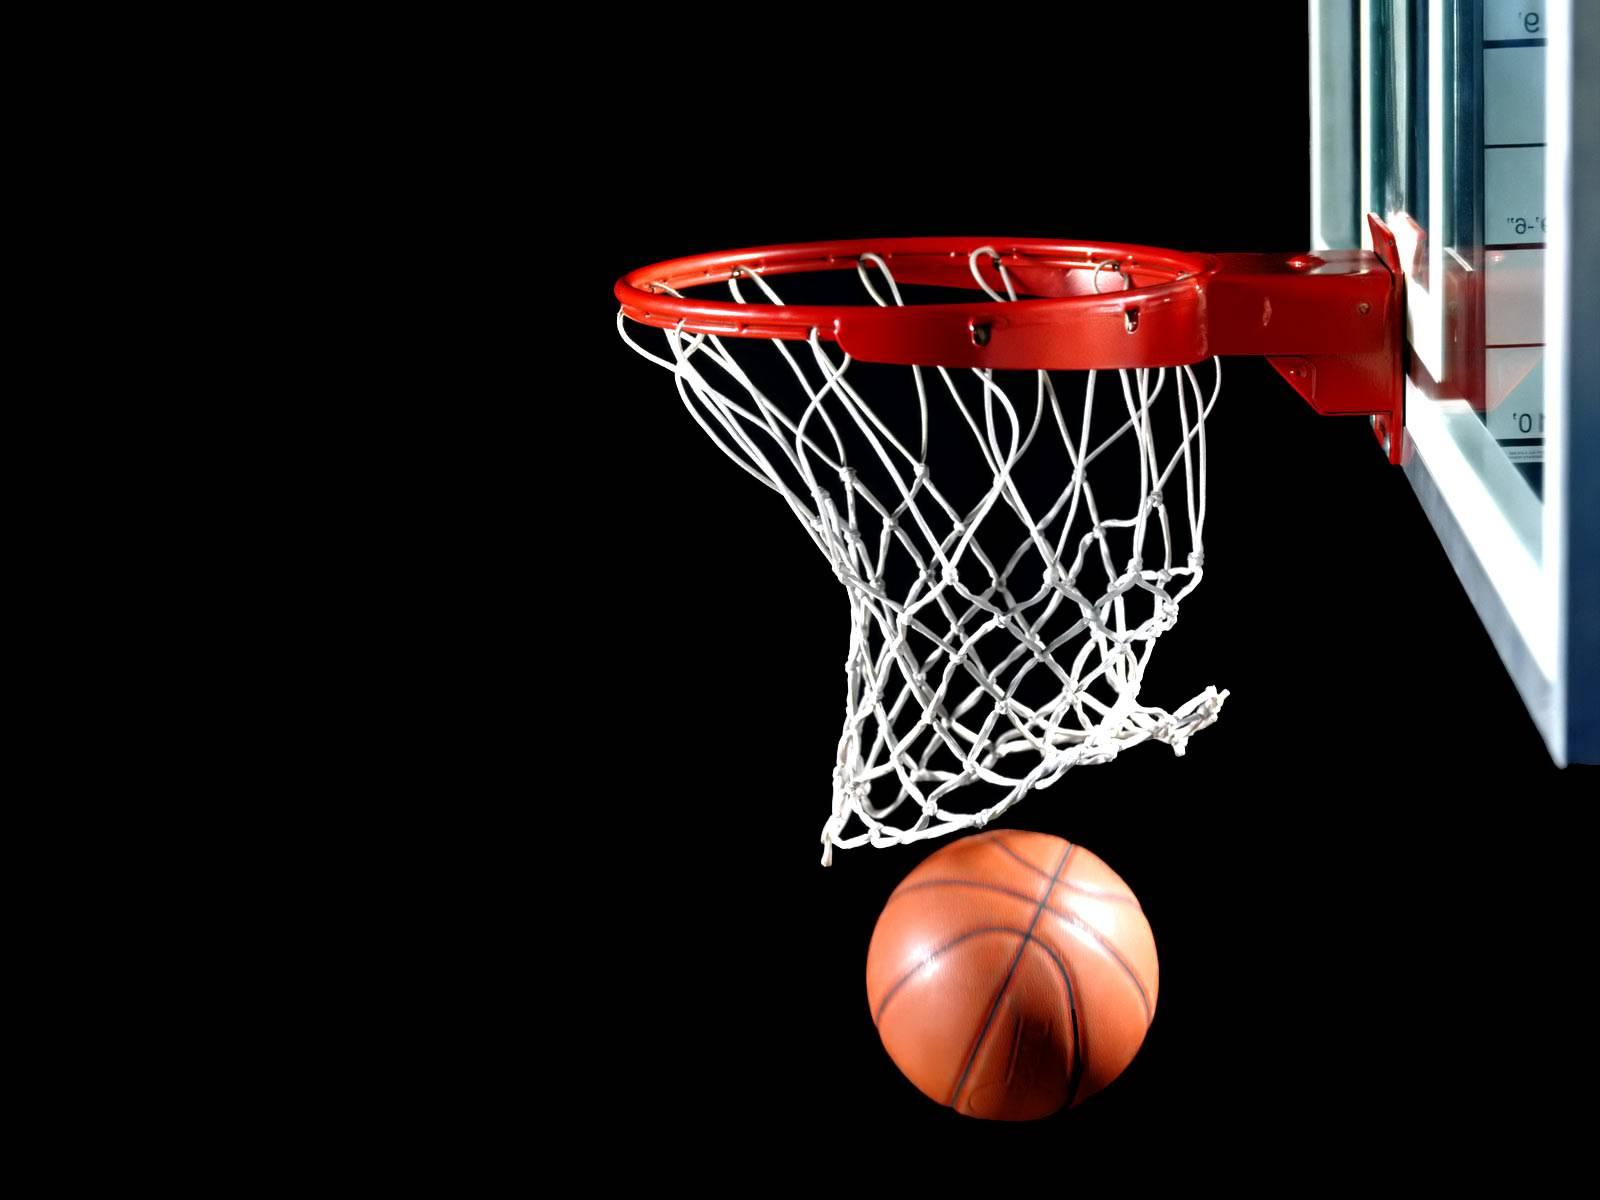 kosárlabda kereskedés alkalmazás az interneten keresztül történő pénzkeresésre